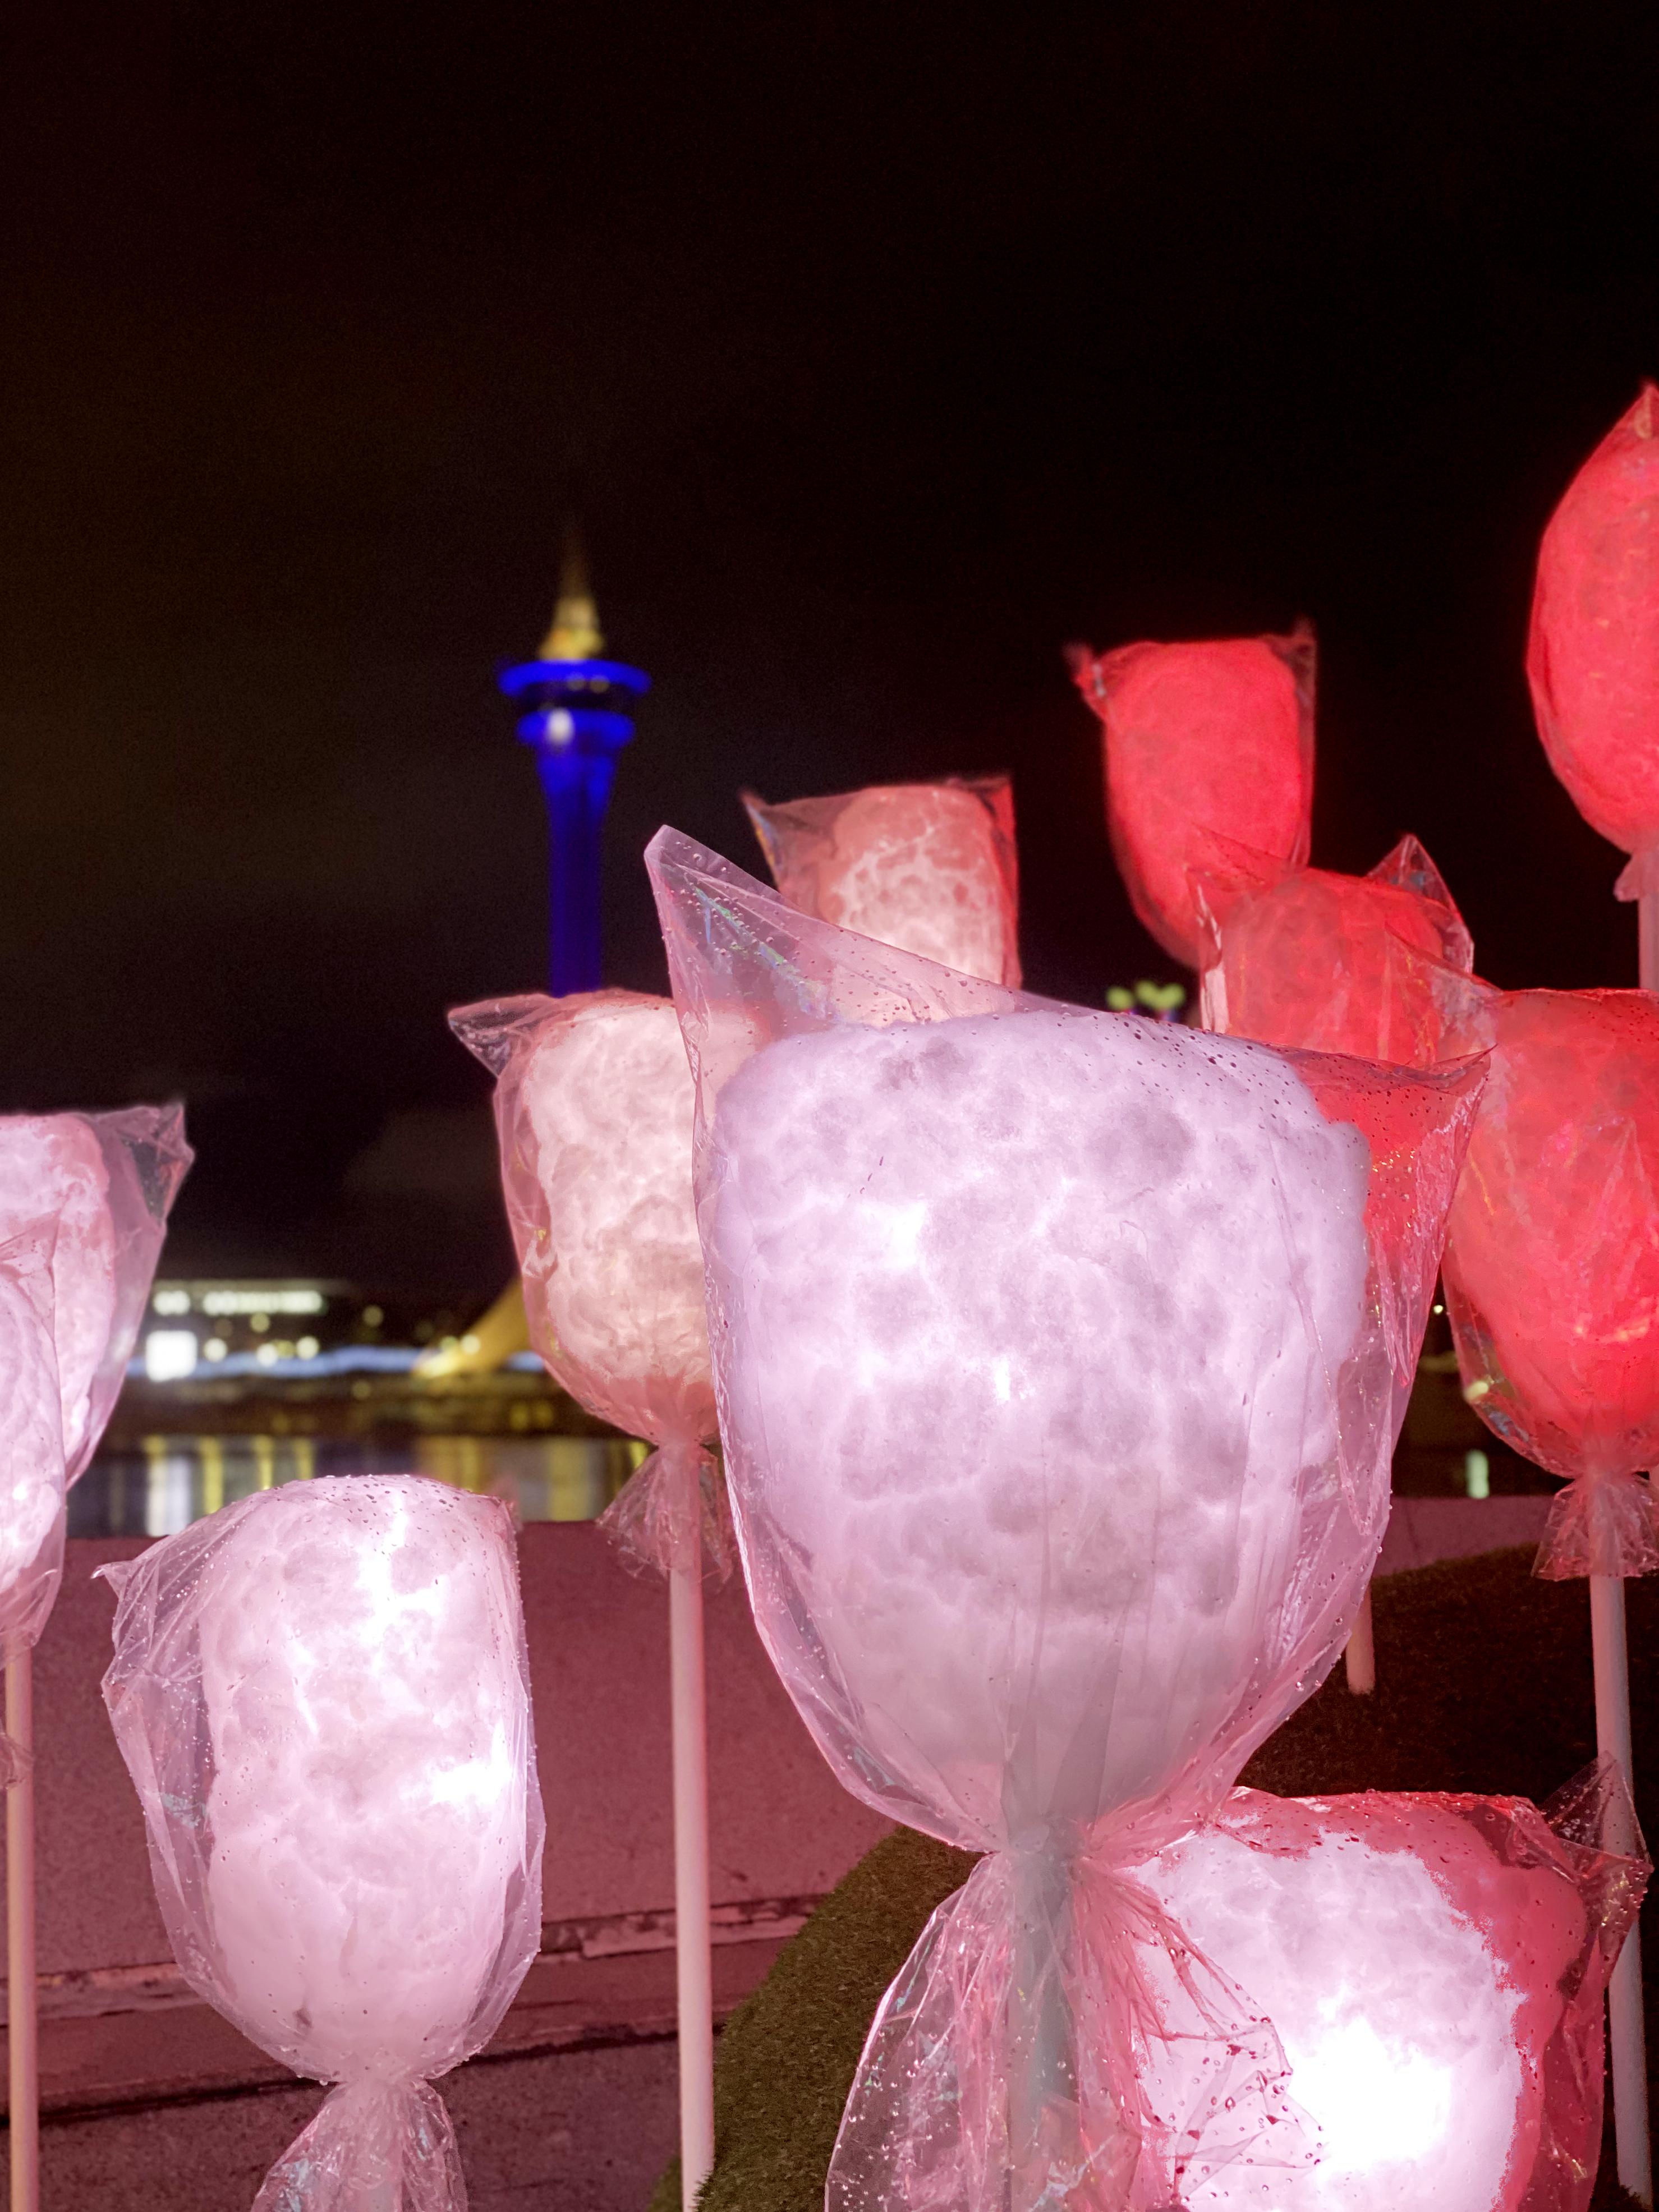 2020澳門光影嘉年華|走進今年最有色彩氣氛的活動,解放內心壓抑的一年!